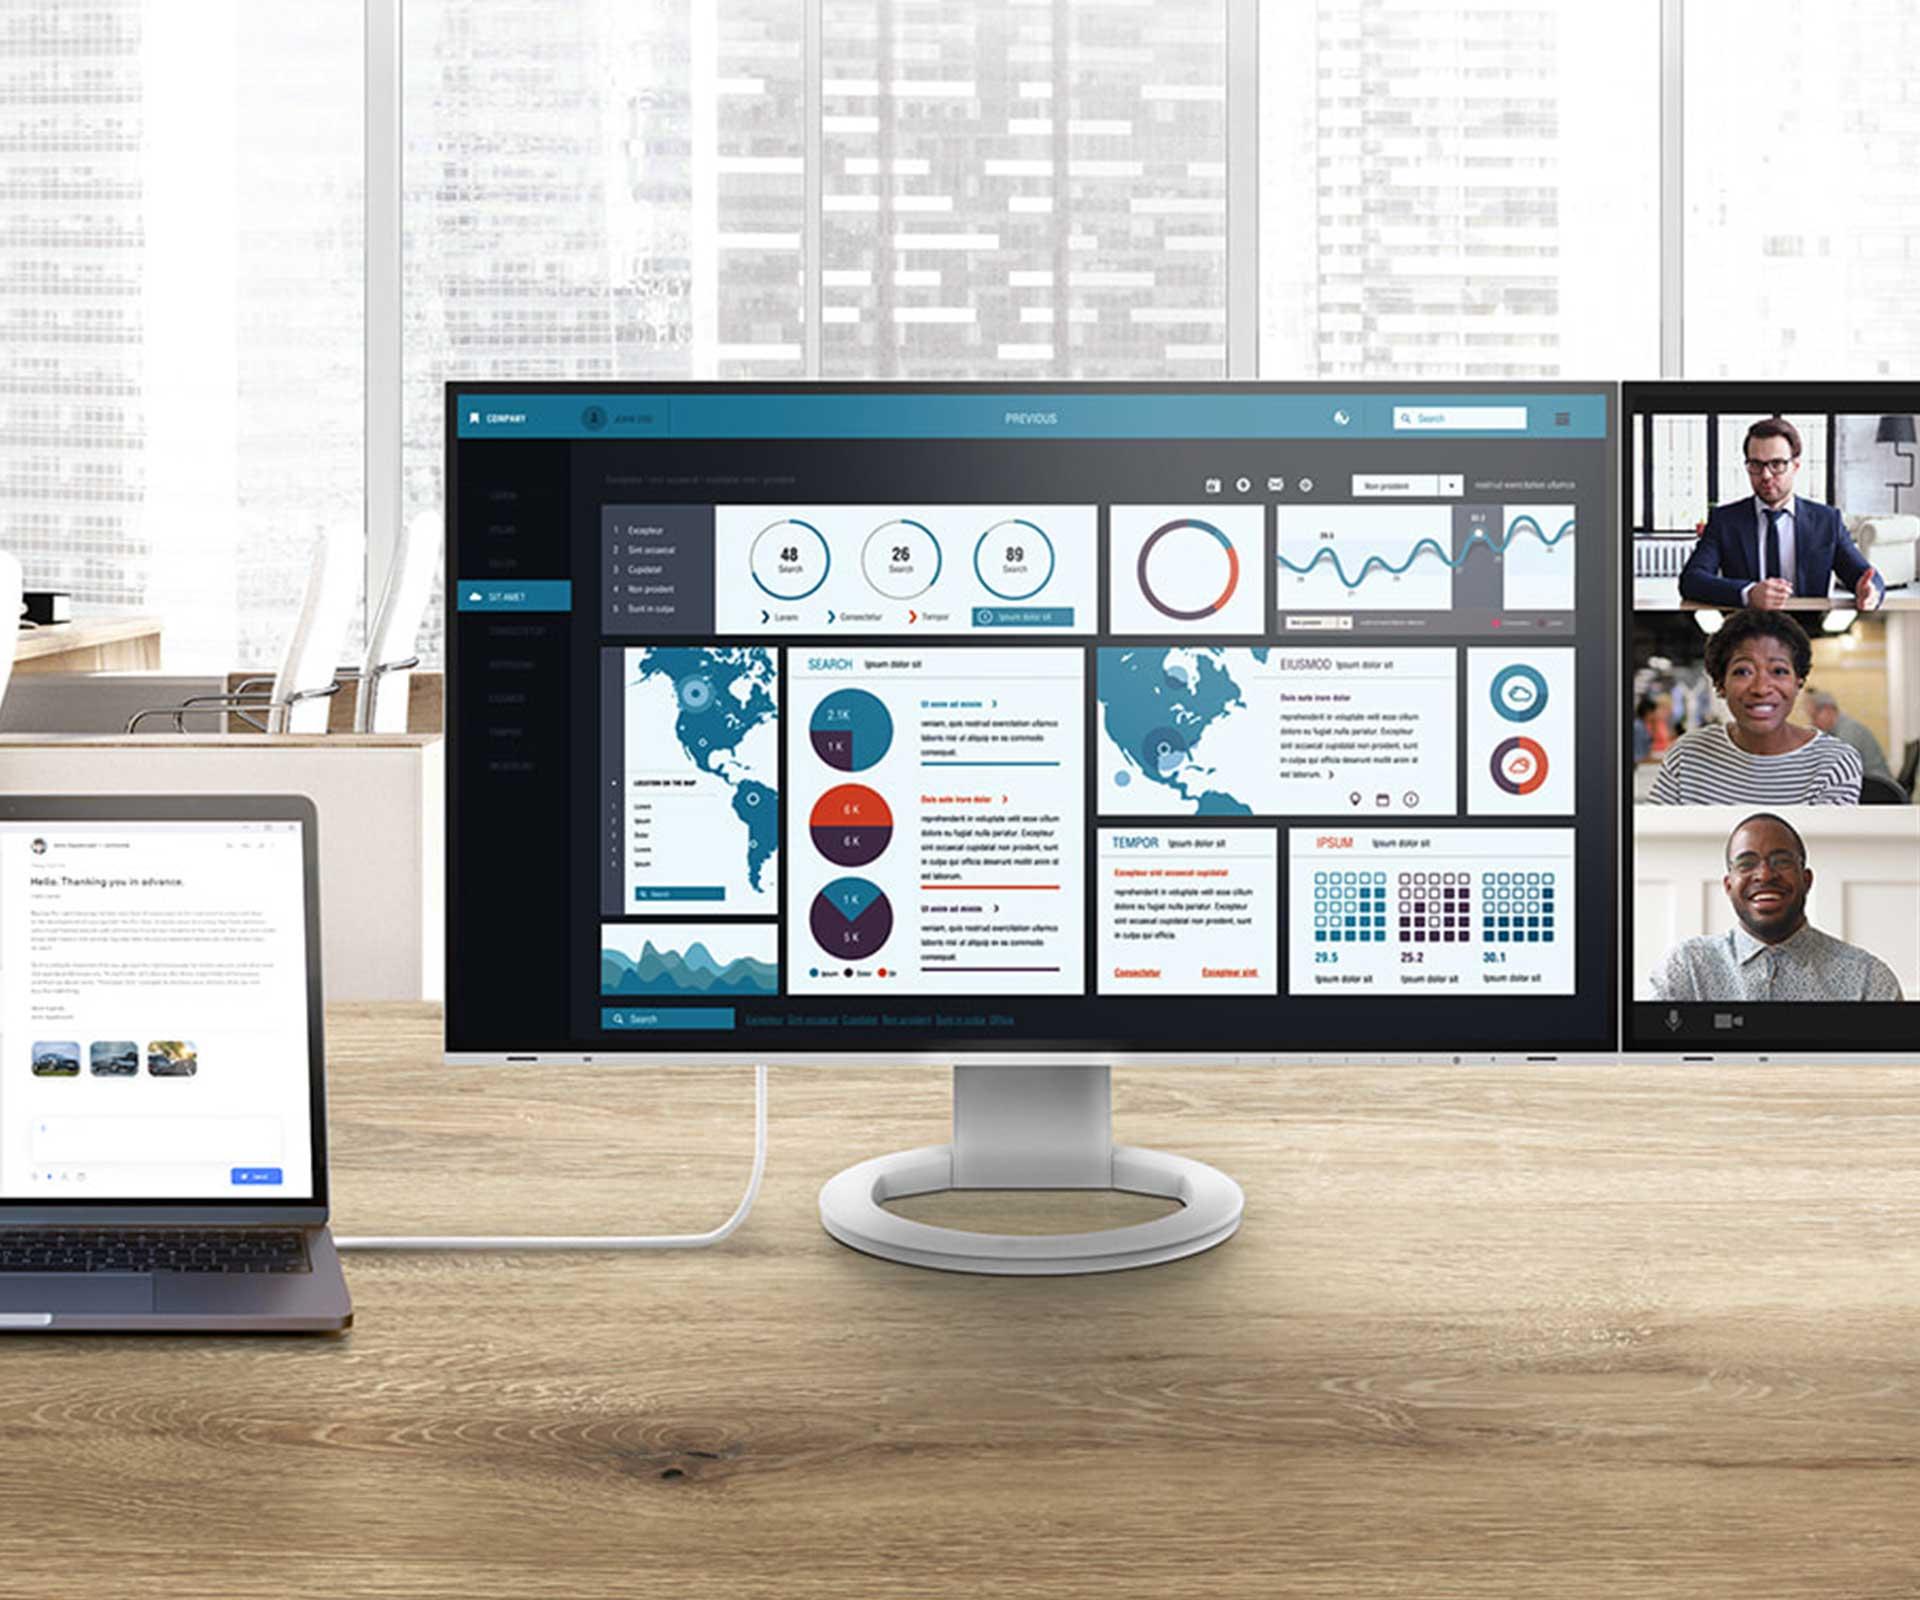 The EIZO FelxScan monitors in an office